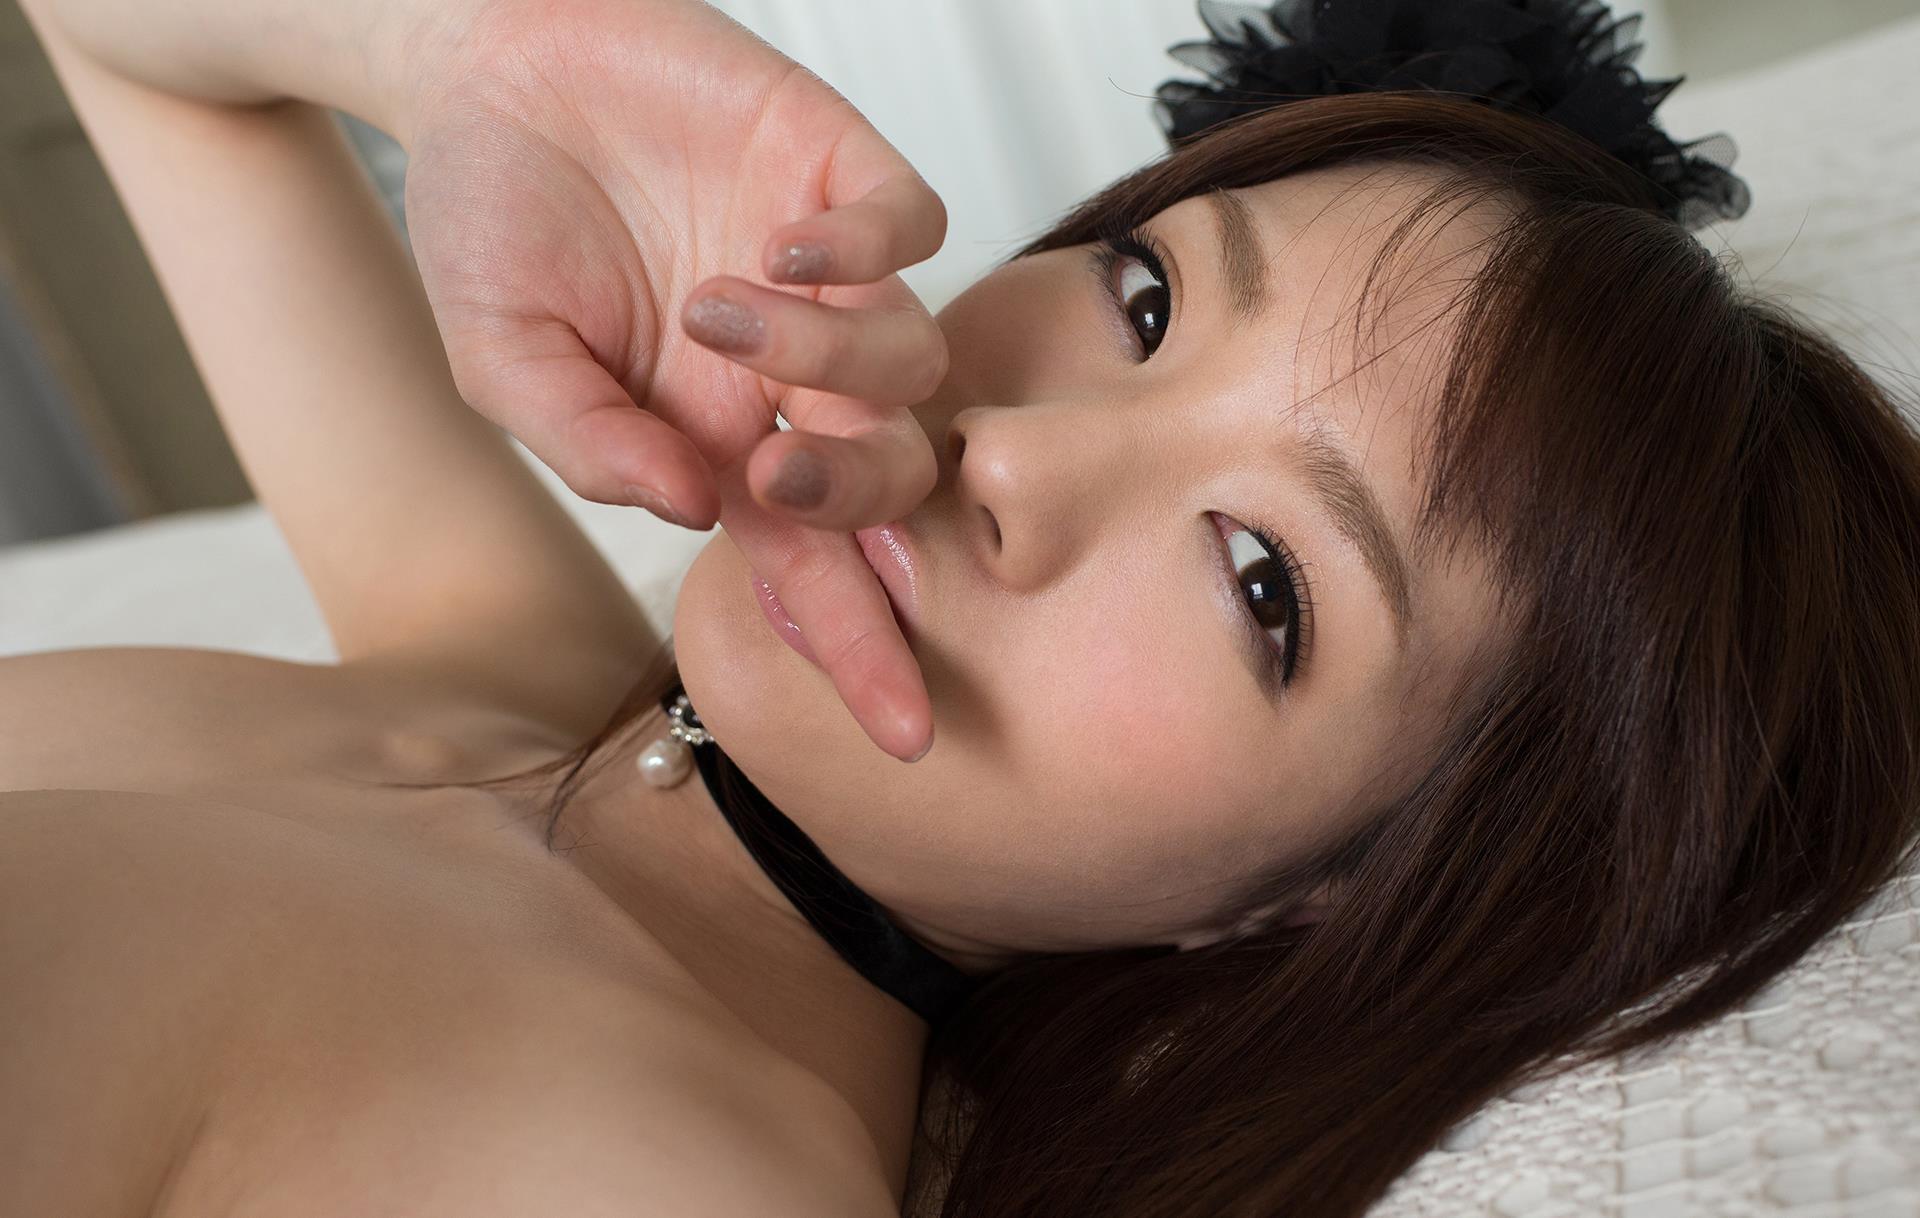 鈴村あいり 画像 58